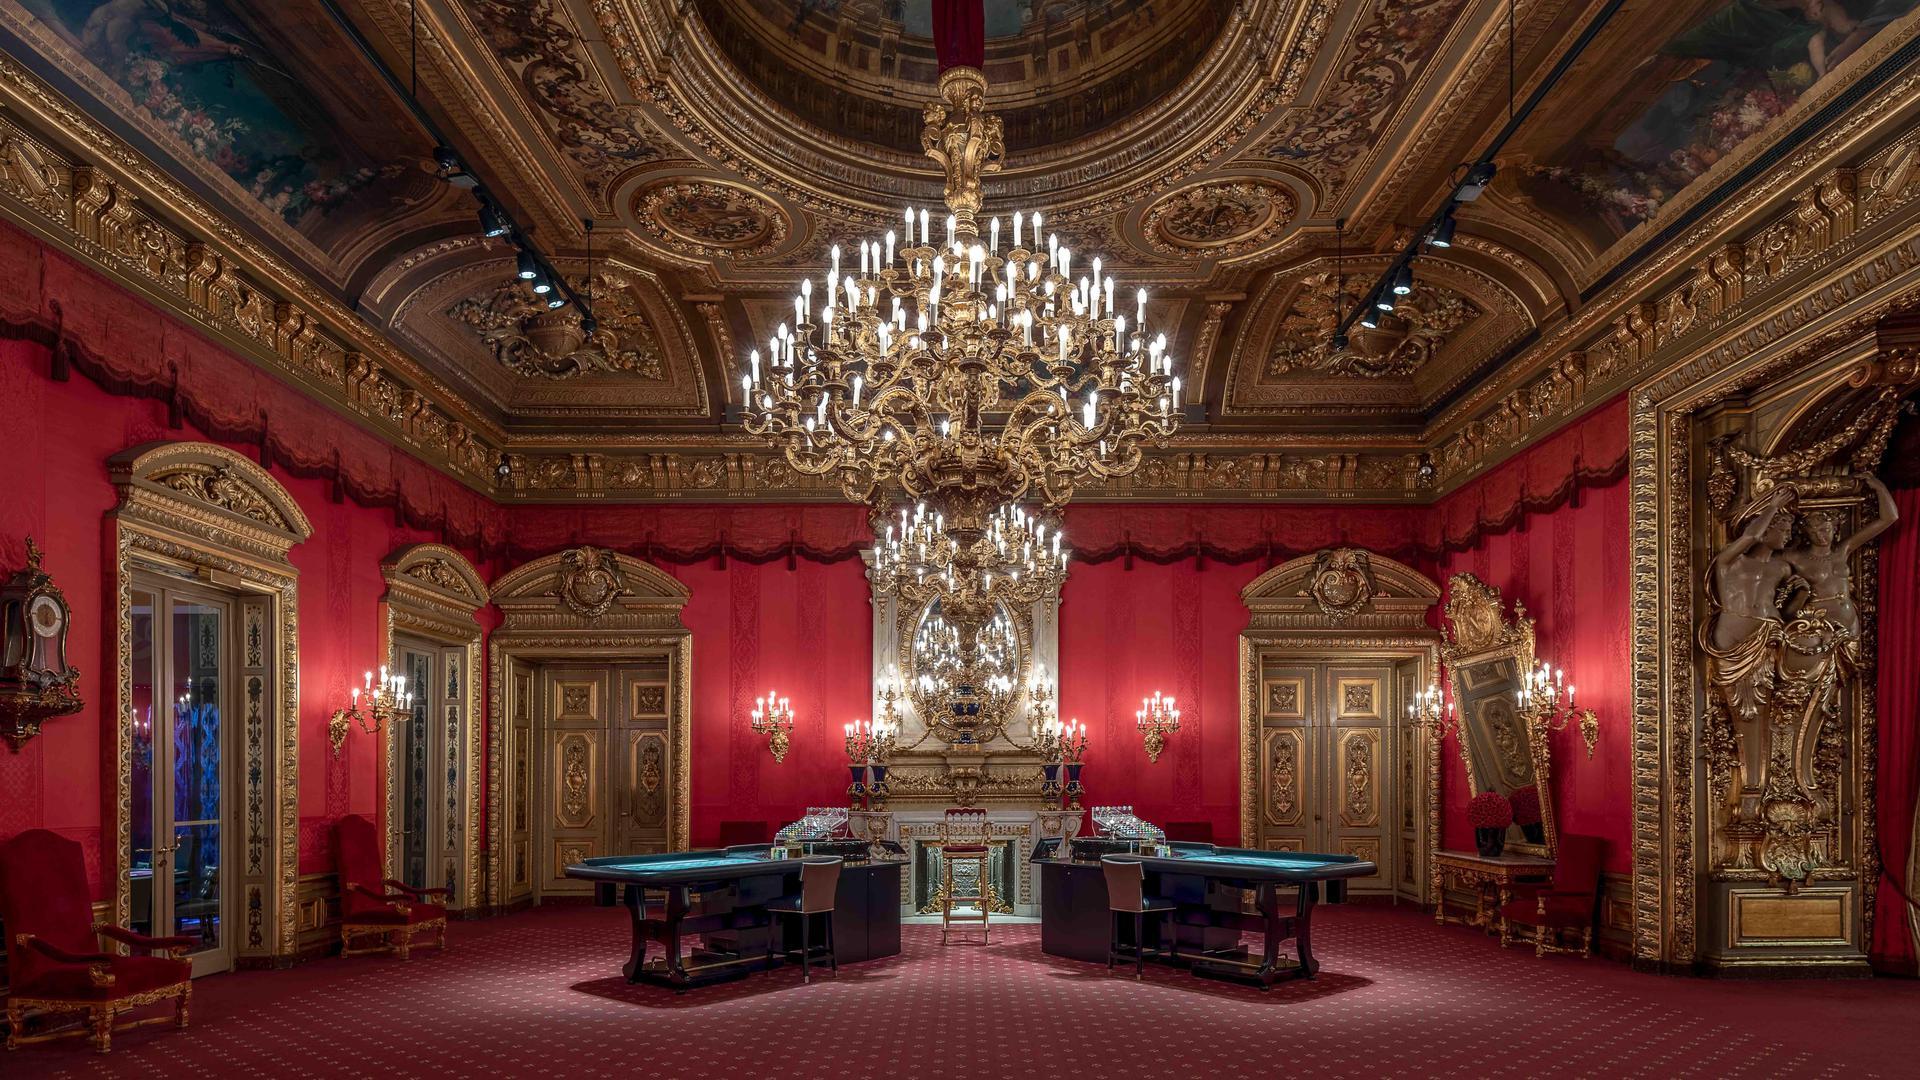 Auch Innenarchitektur hat es dem Fotografen angetan. Hier lichtete Torben Beeg einen Raum im Casino Baden-Baden ab.